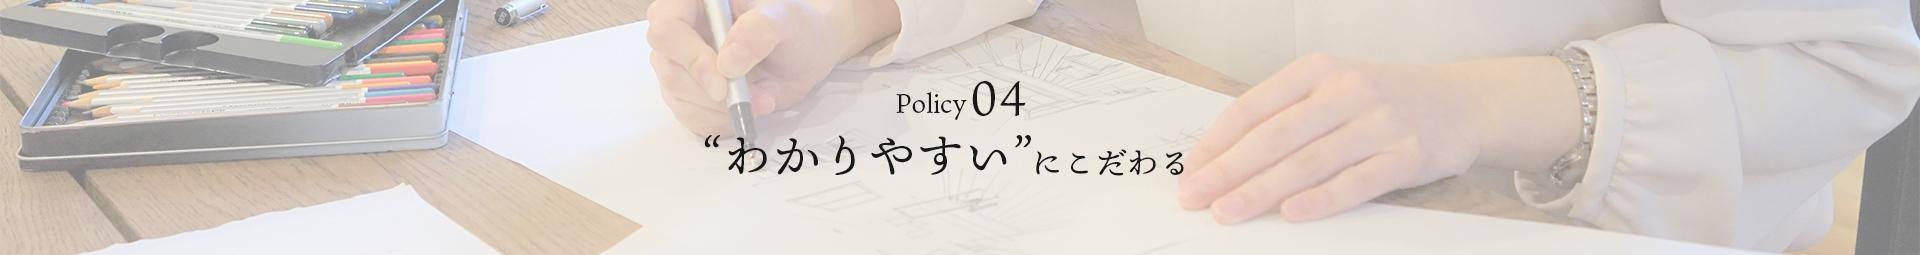 policy03「わかりやすい」にこだわる